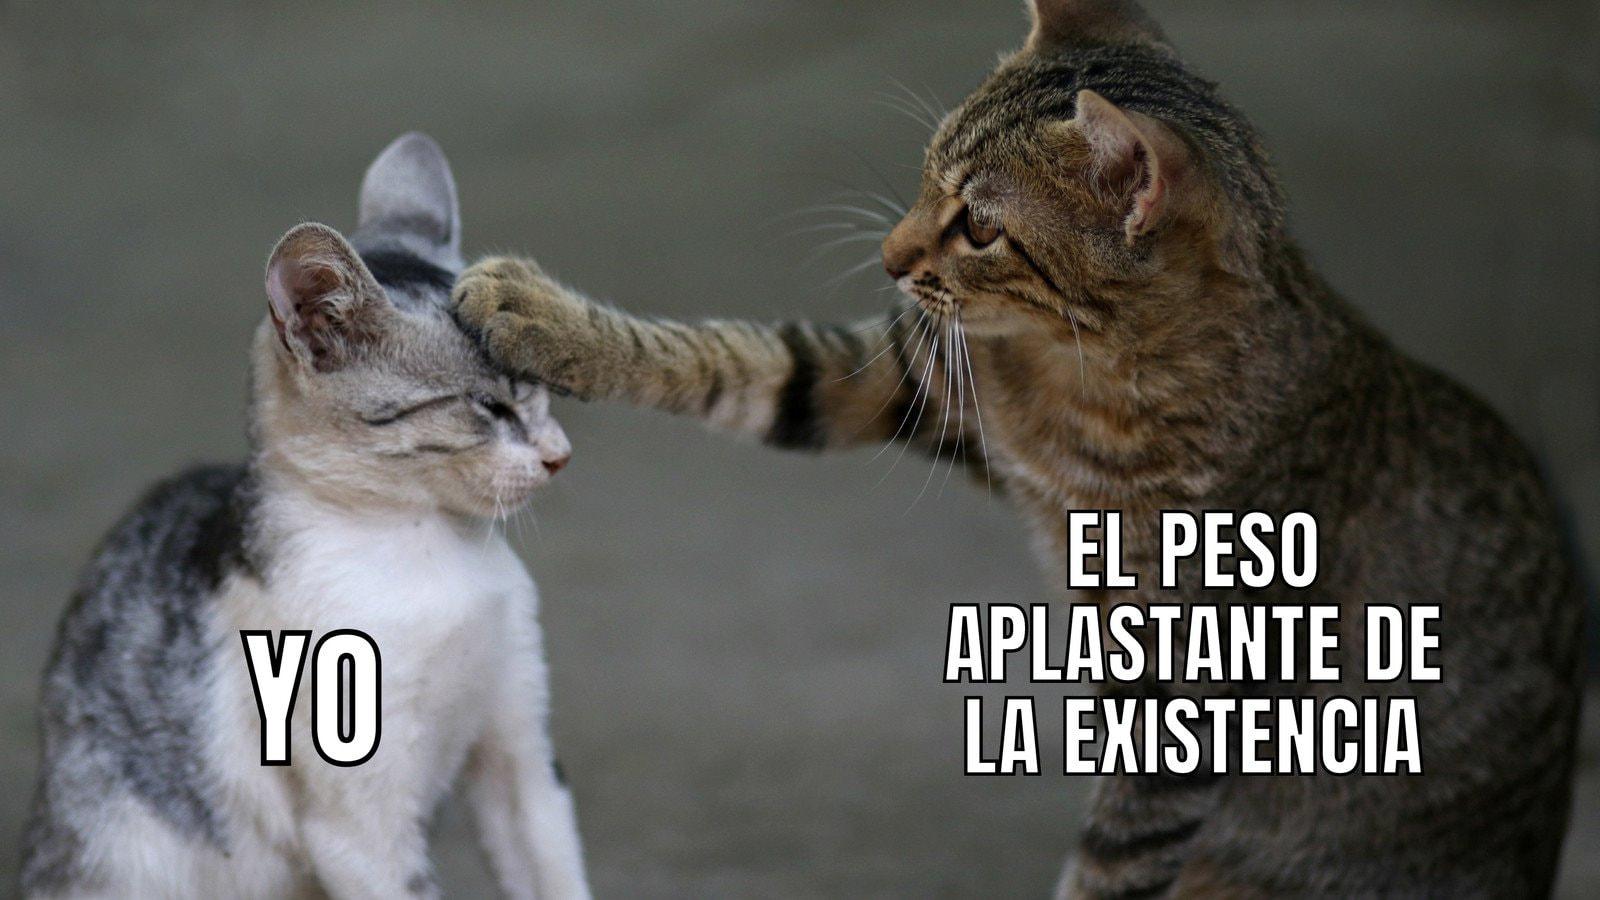 Gato Pata en la Cabeza Existential Foto y Texto Meme